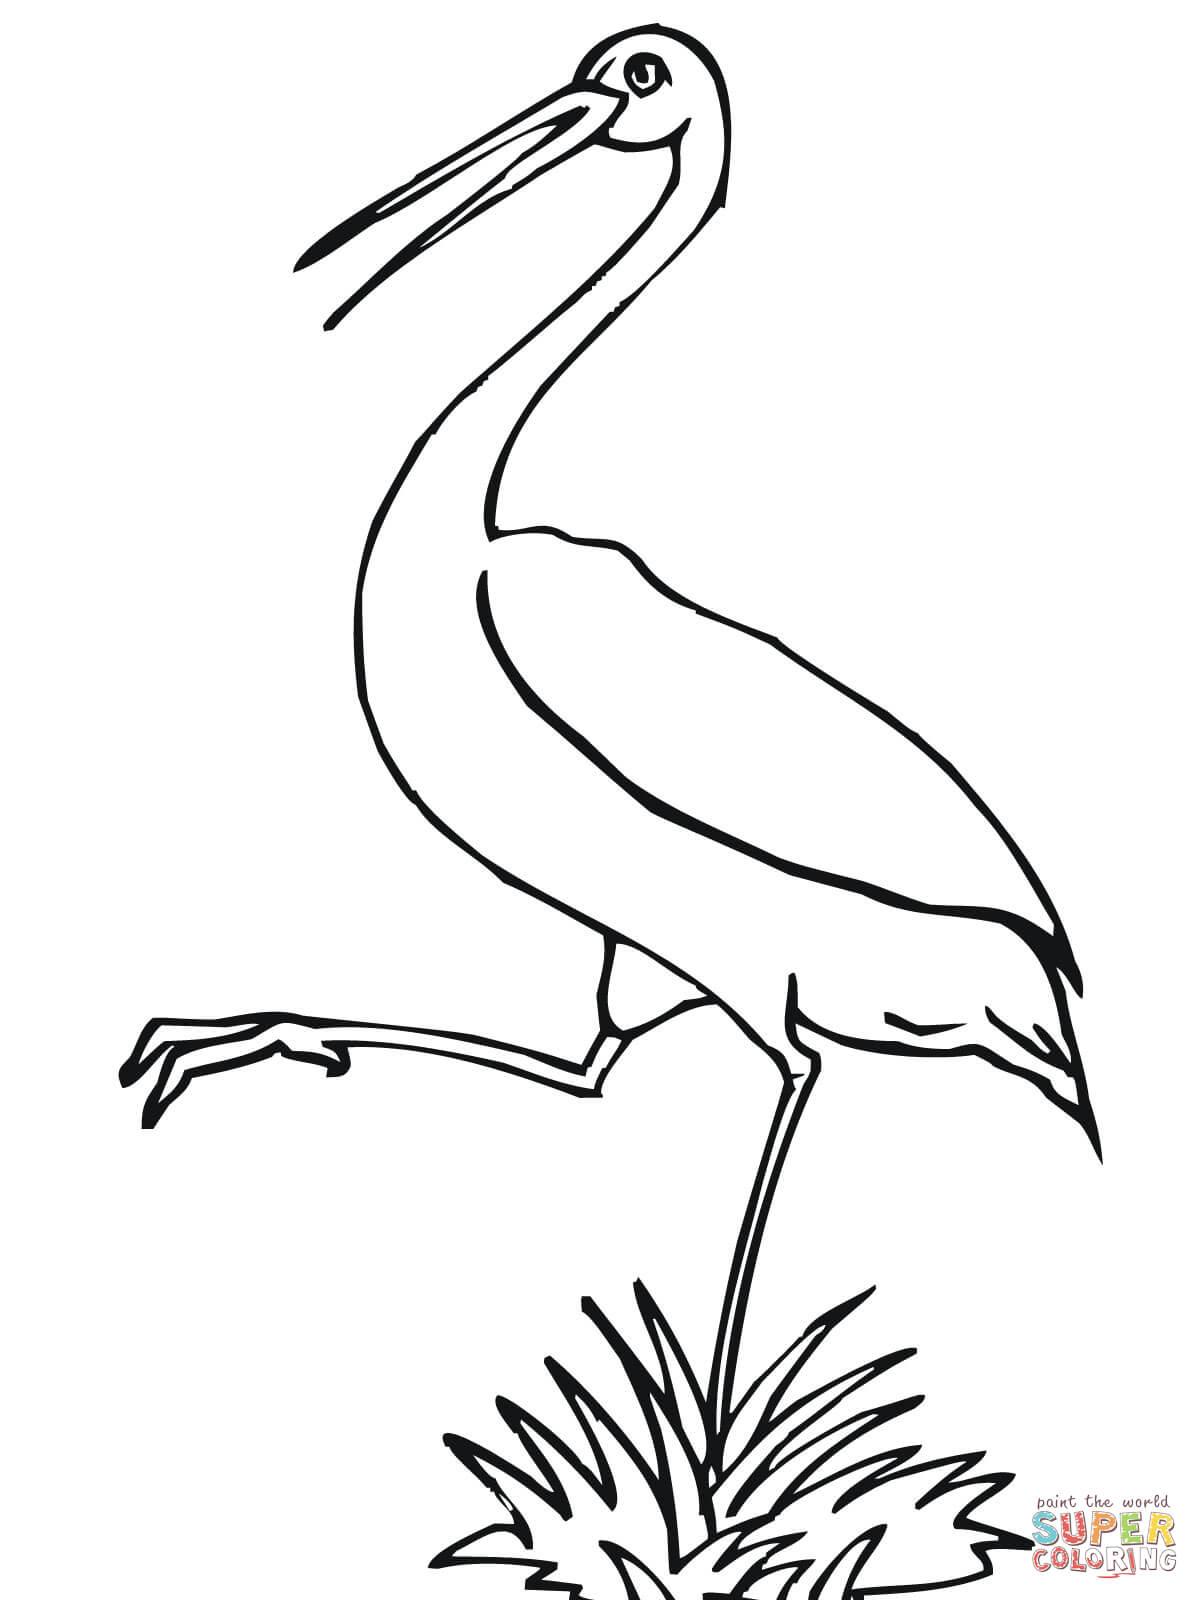 Ausmalbilder Storch - Malvorlagen Kostenlos Zum Ausdrucken bei Storch Zum Ausmalen